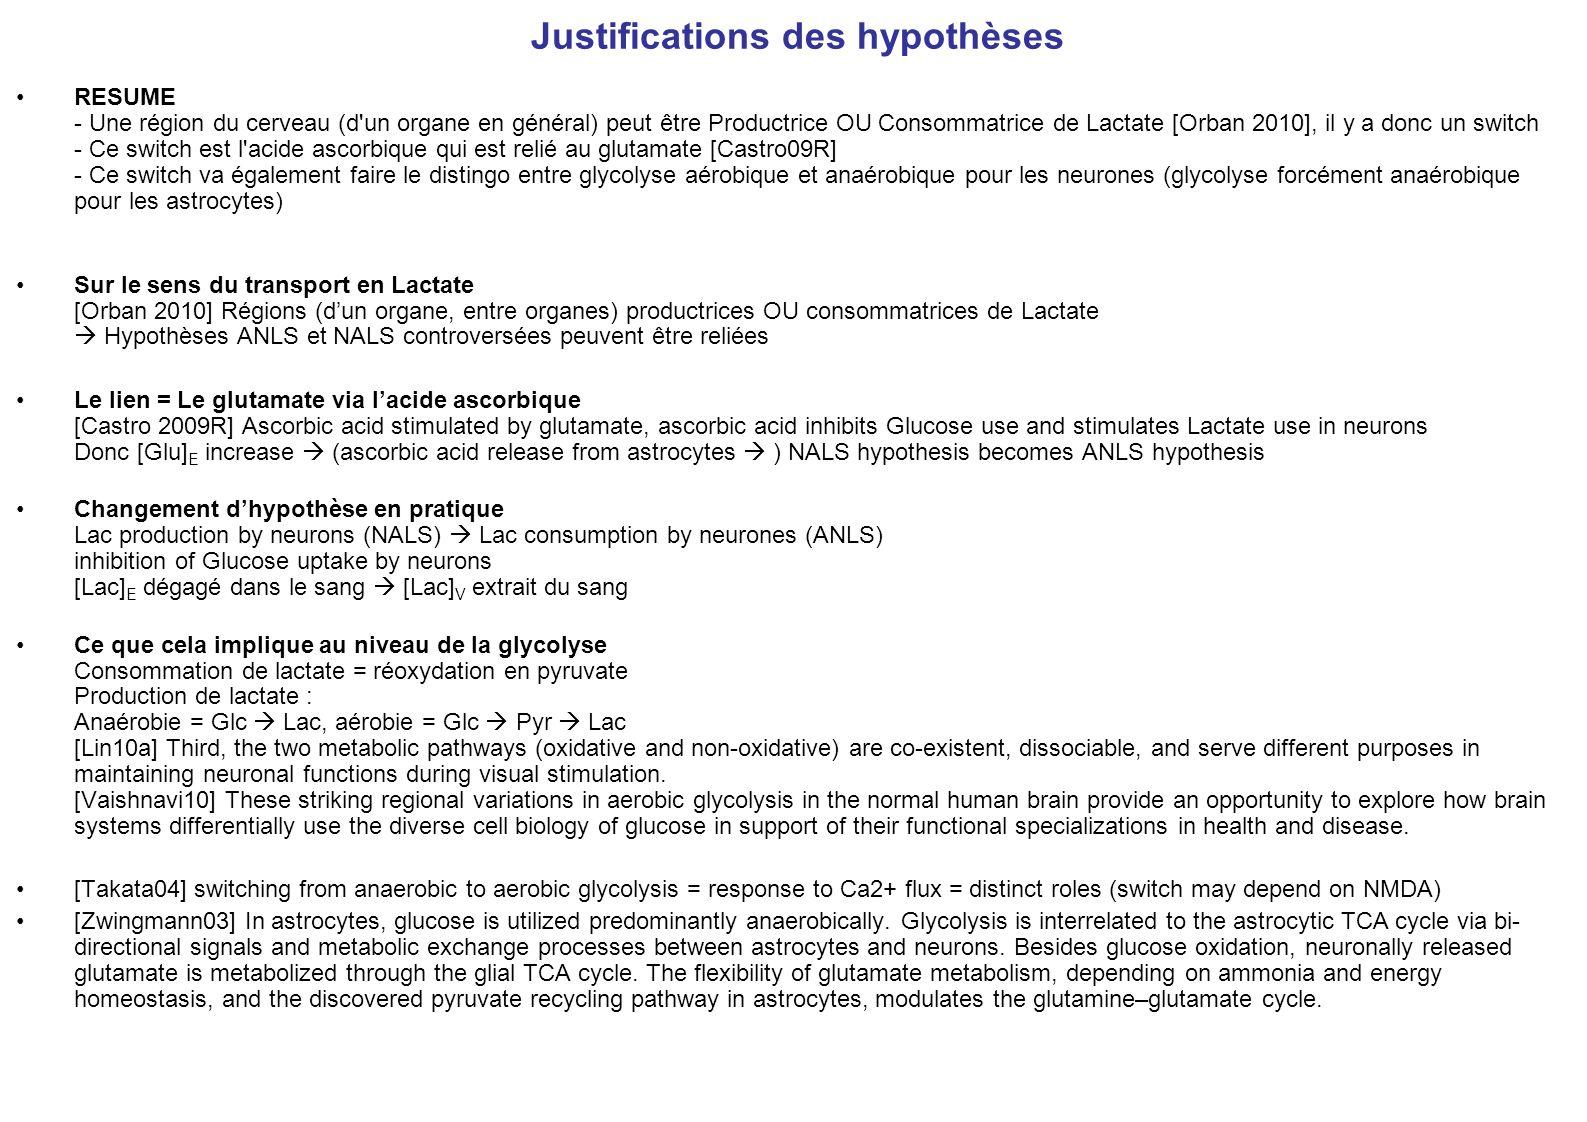 Justifications des hypothèses RESUME - Une région du cerveau (d'un organe en général) peut être Productrice OU Consommatrice de Lactate [Orban 2010],